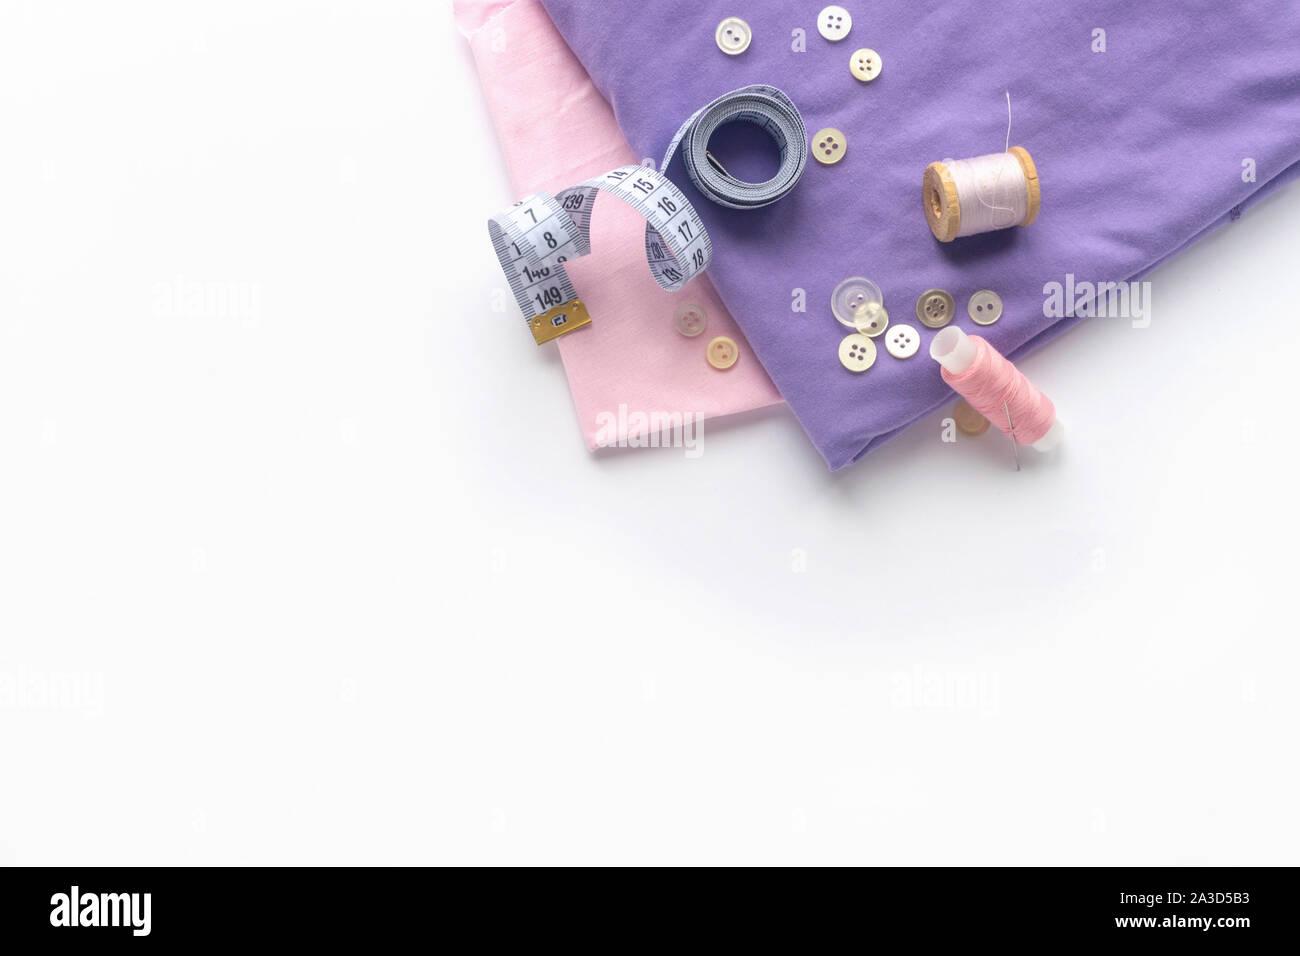 Accesorios de costura y tejido sobre un fondo blanco. Tela, hilos de costura, agujas de coser botones y centímetro. top view, flatlay Foto de stock